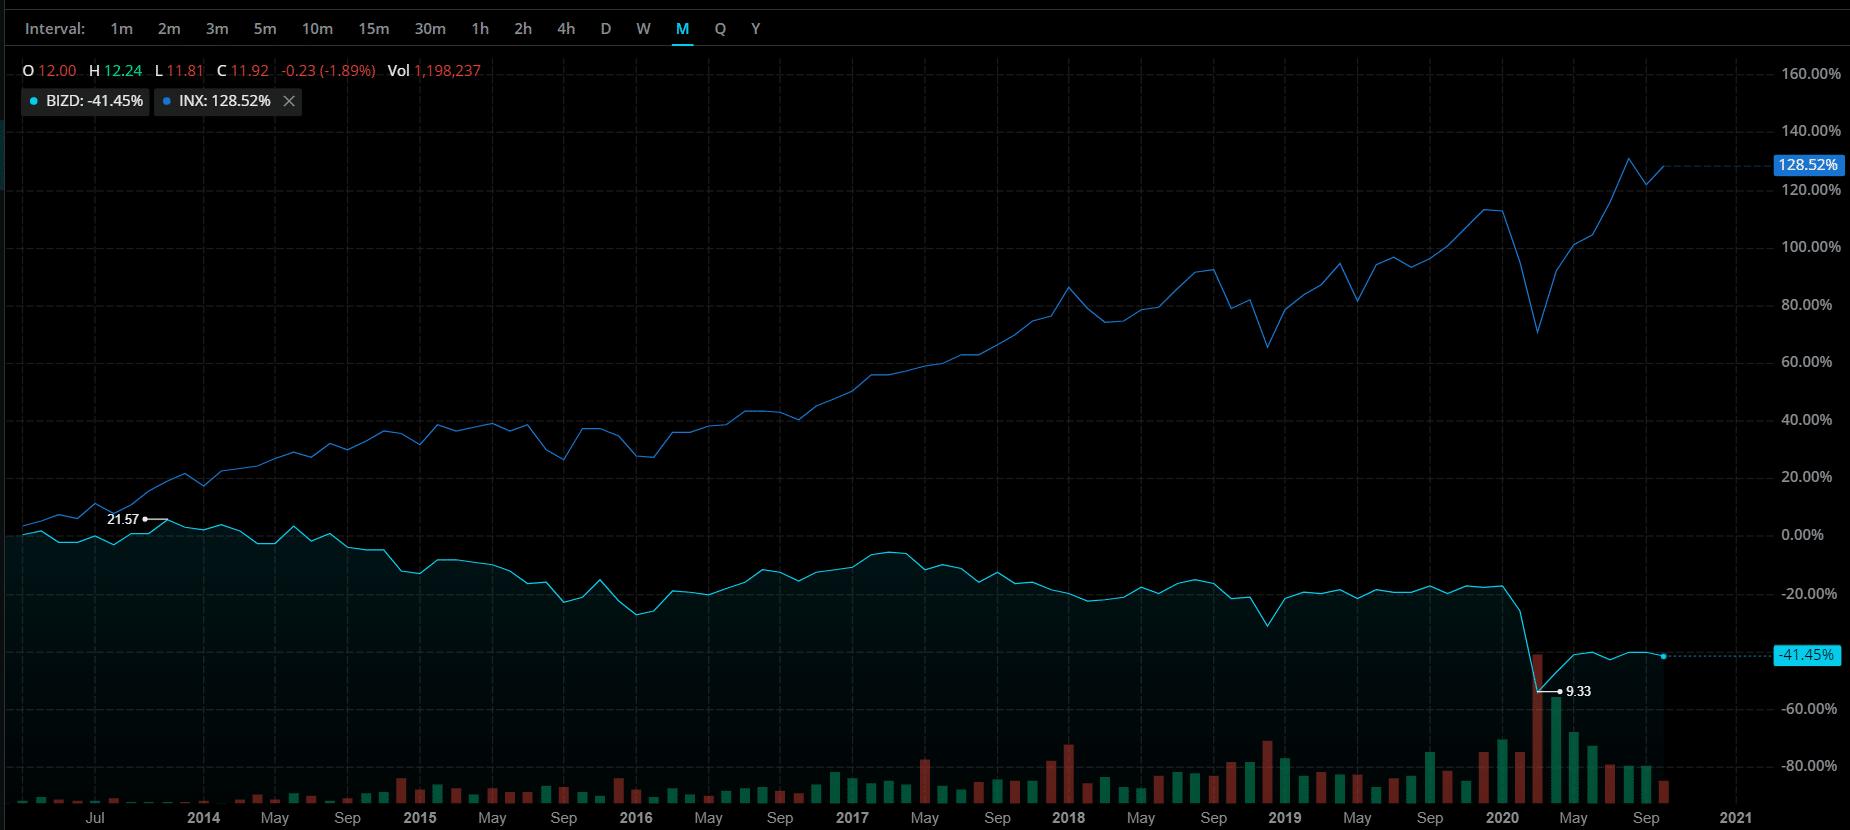 BIZD vs S&P 500